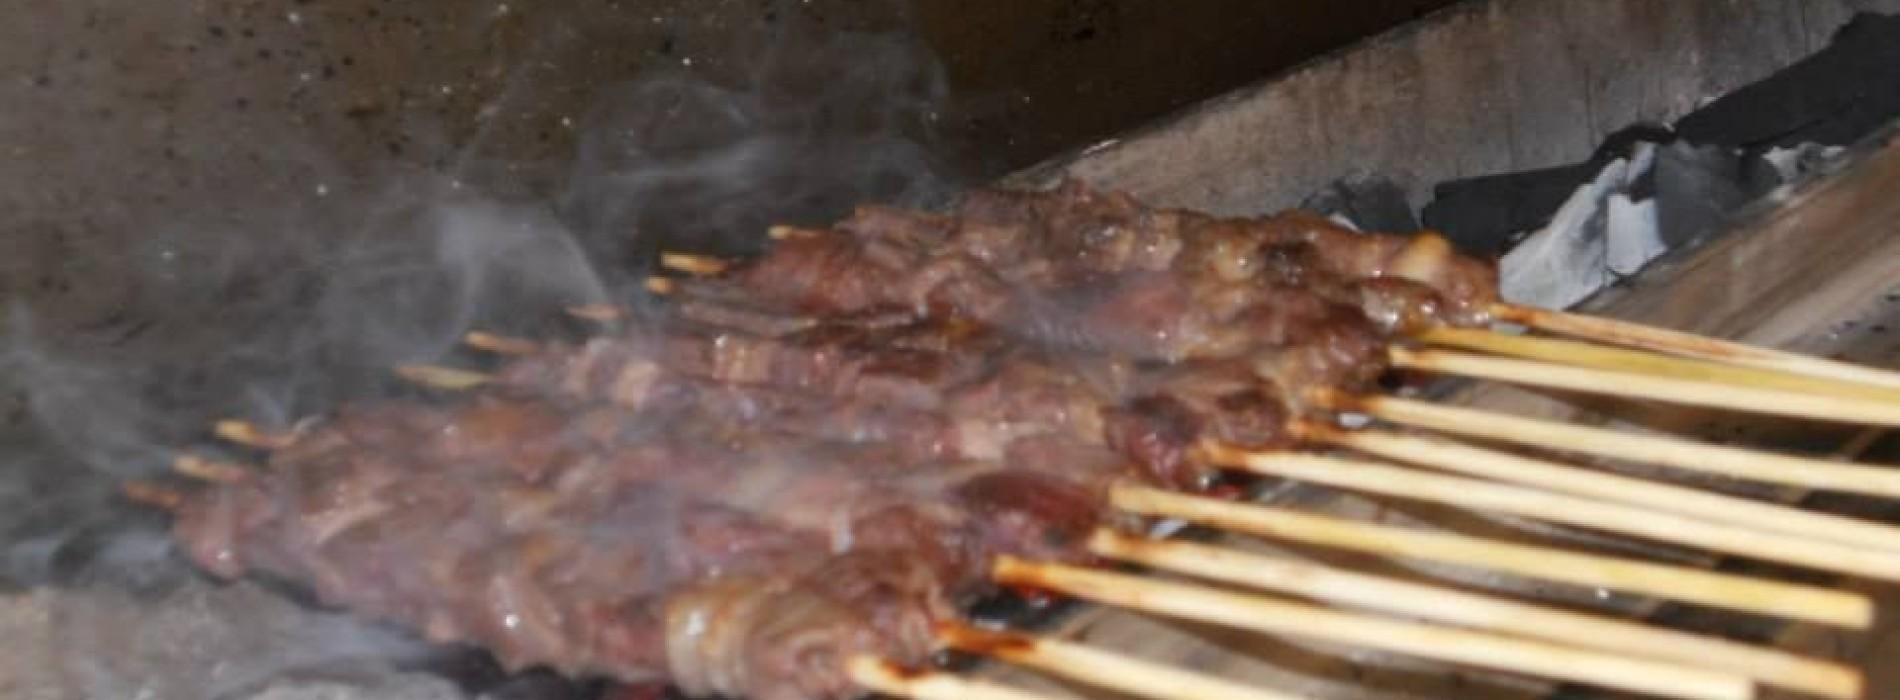 Dove mangiare gli arrosticini a Roma: quattro indirizzi per lo streetfood abruzzese (a costi contenuti)